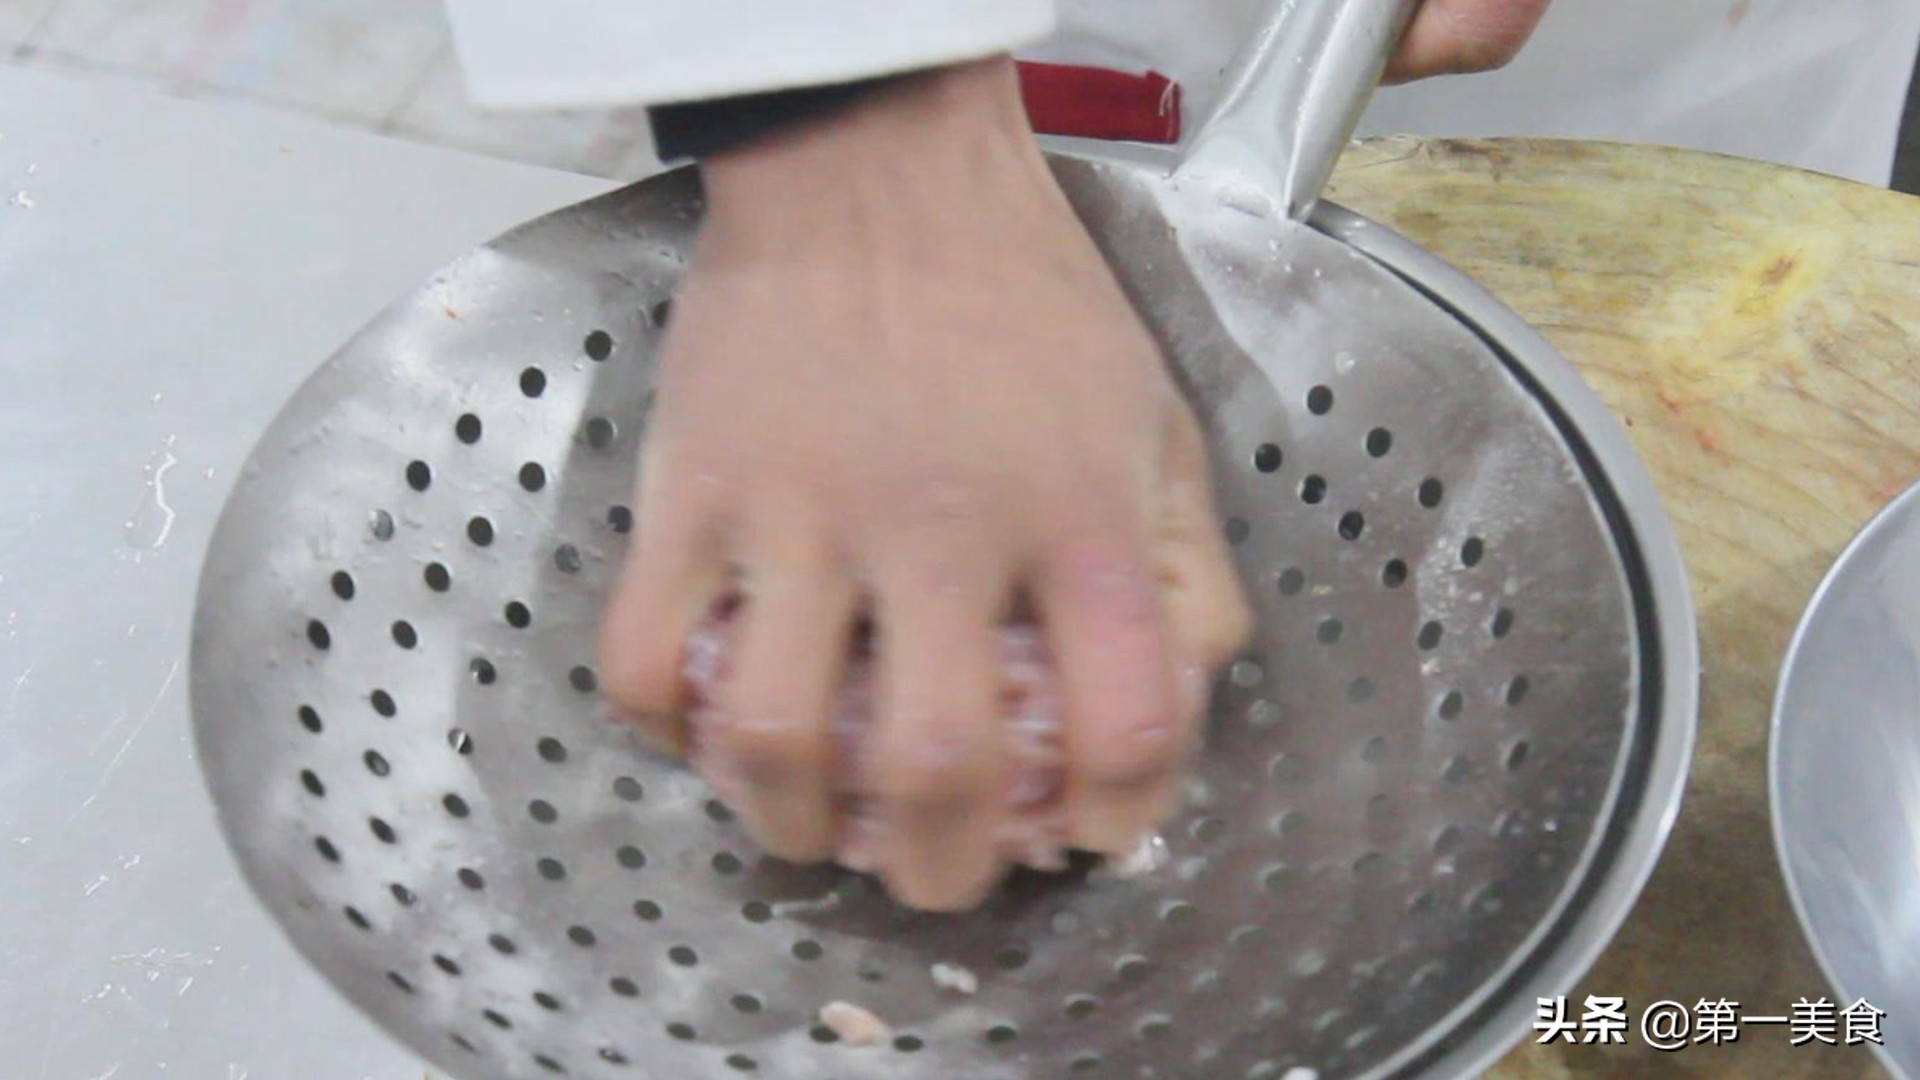 厨师长教你做青椒肉丝,肉丝滑嫩,青椒清脆,味道绝美 美食做法 第3张